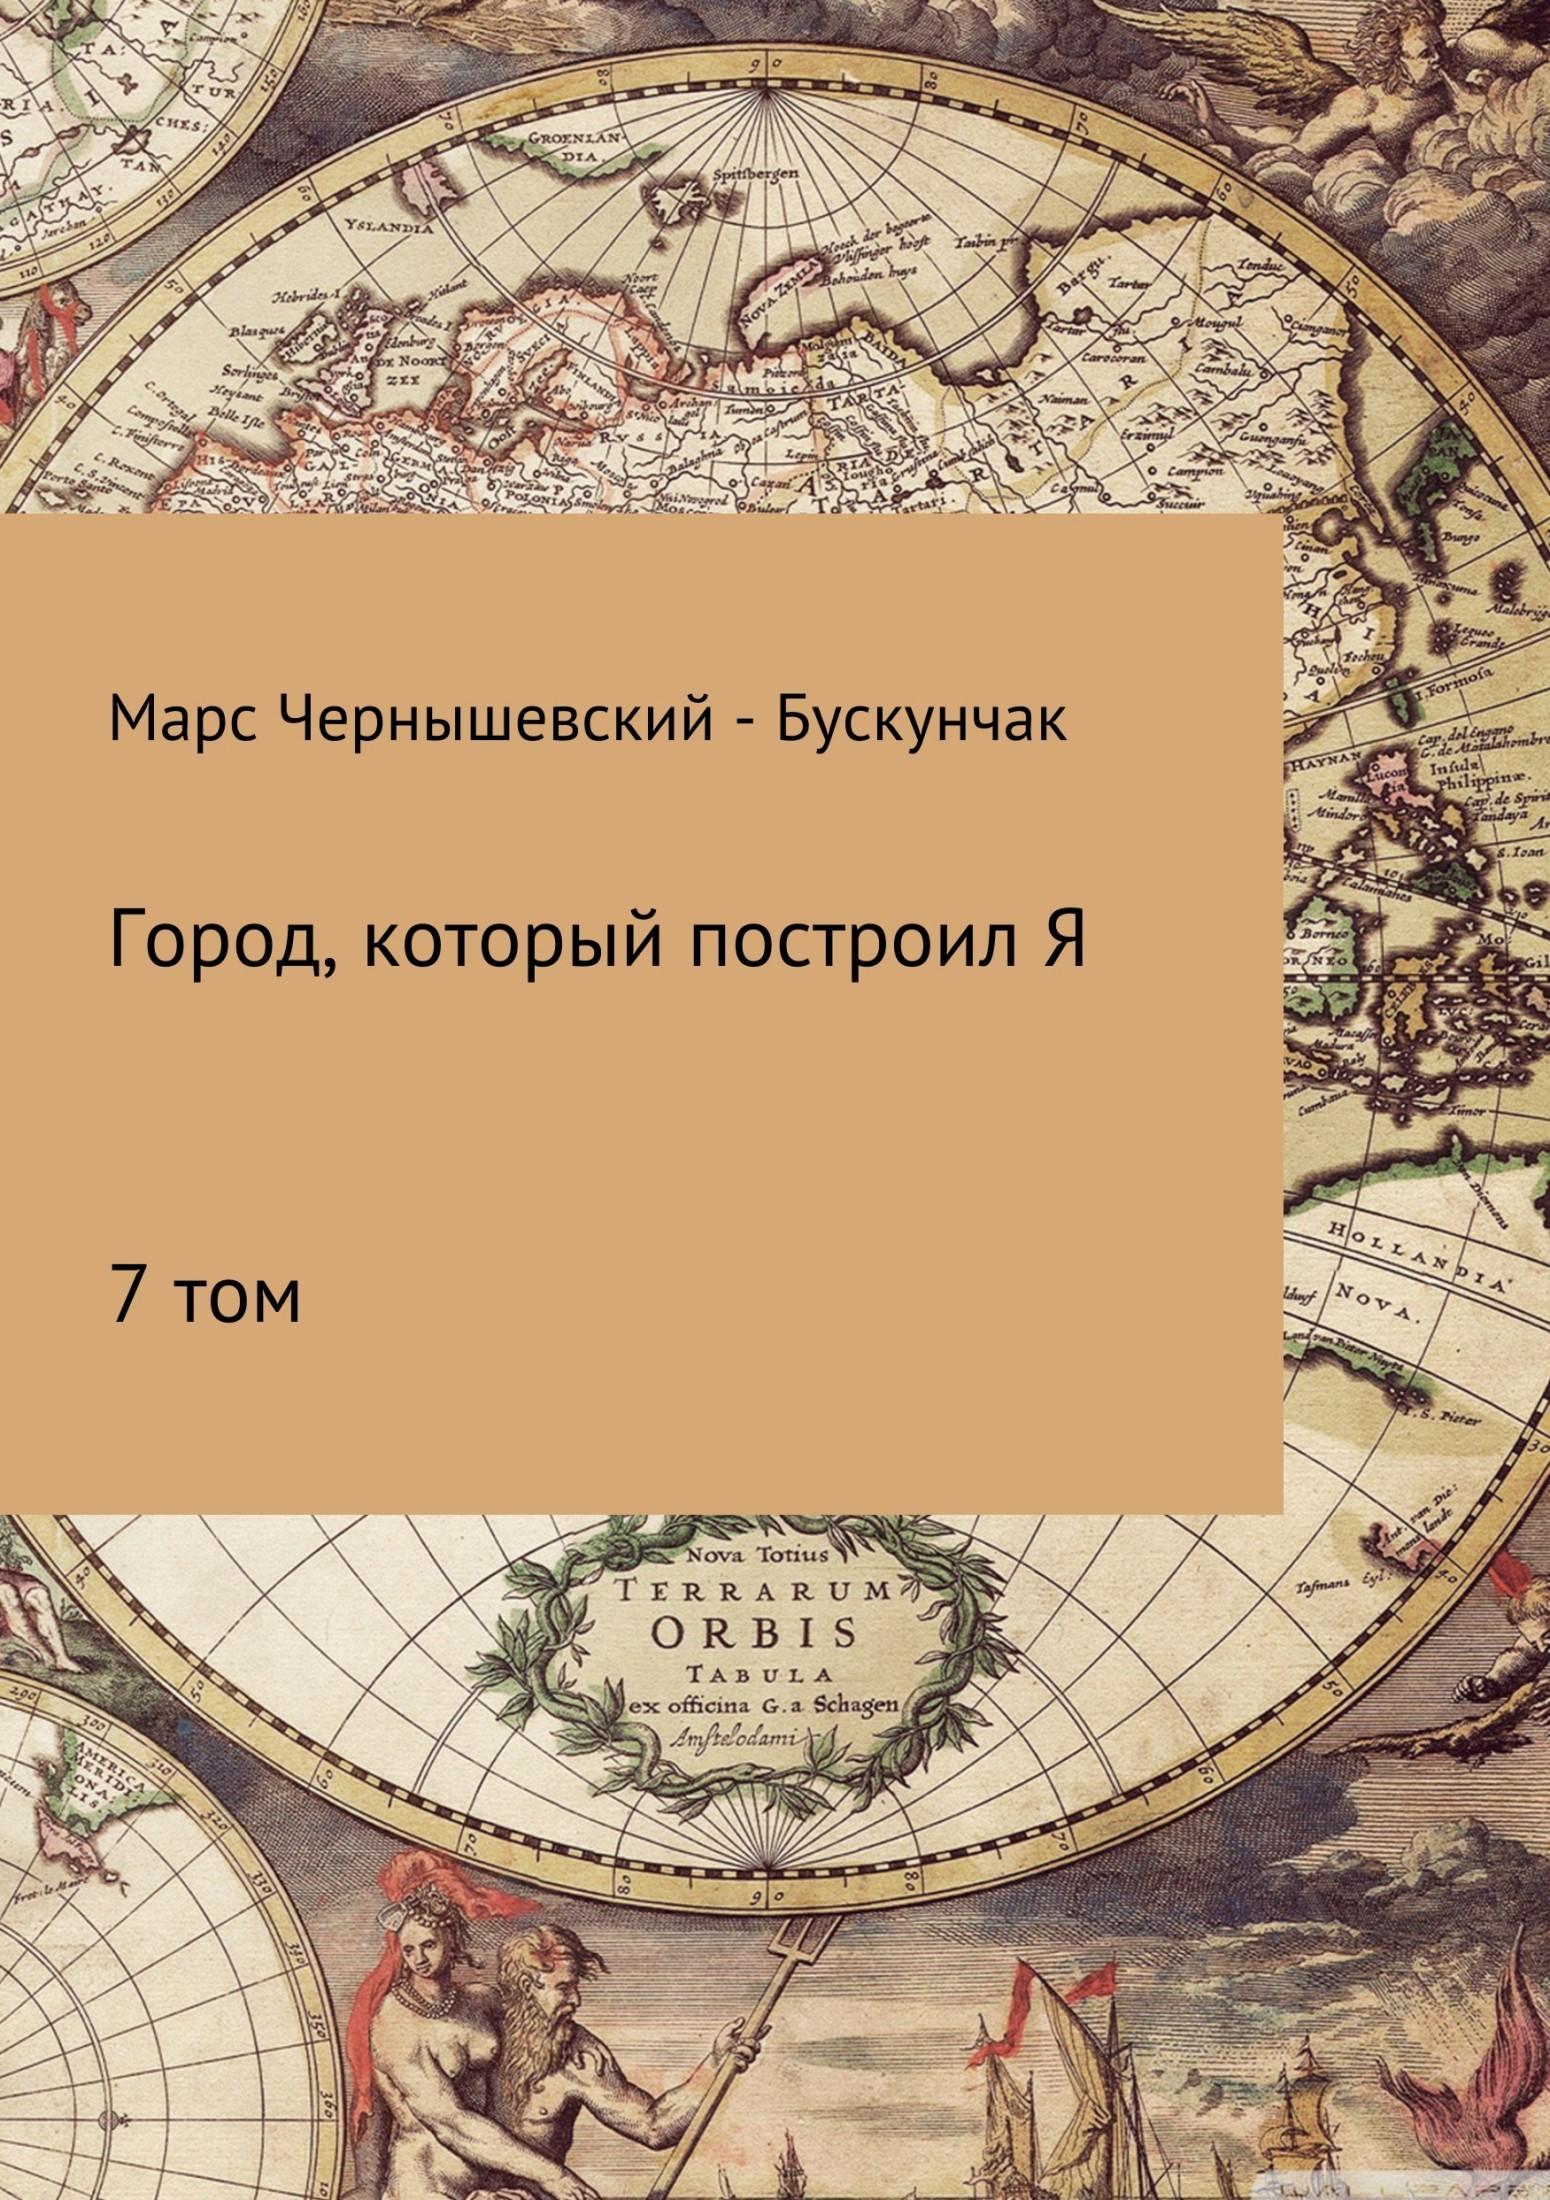 Марс Чернышевский – Бускунчак. Город, который построил Я. Сборник. Том 7